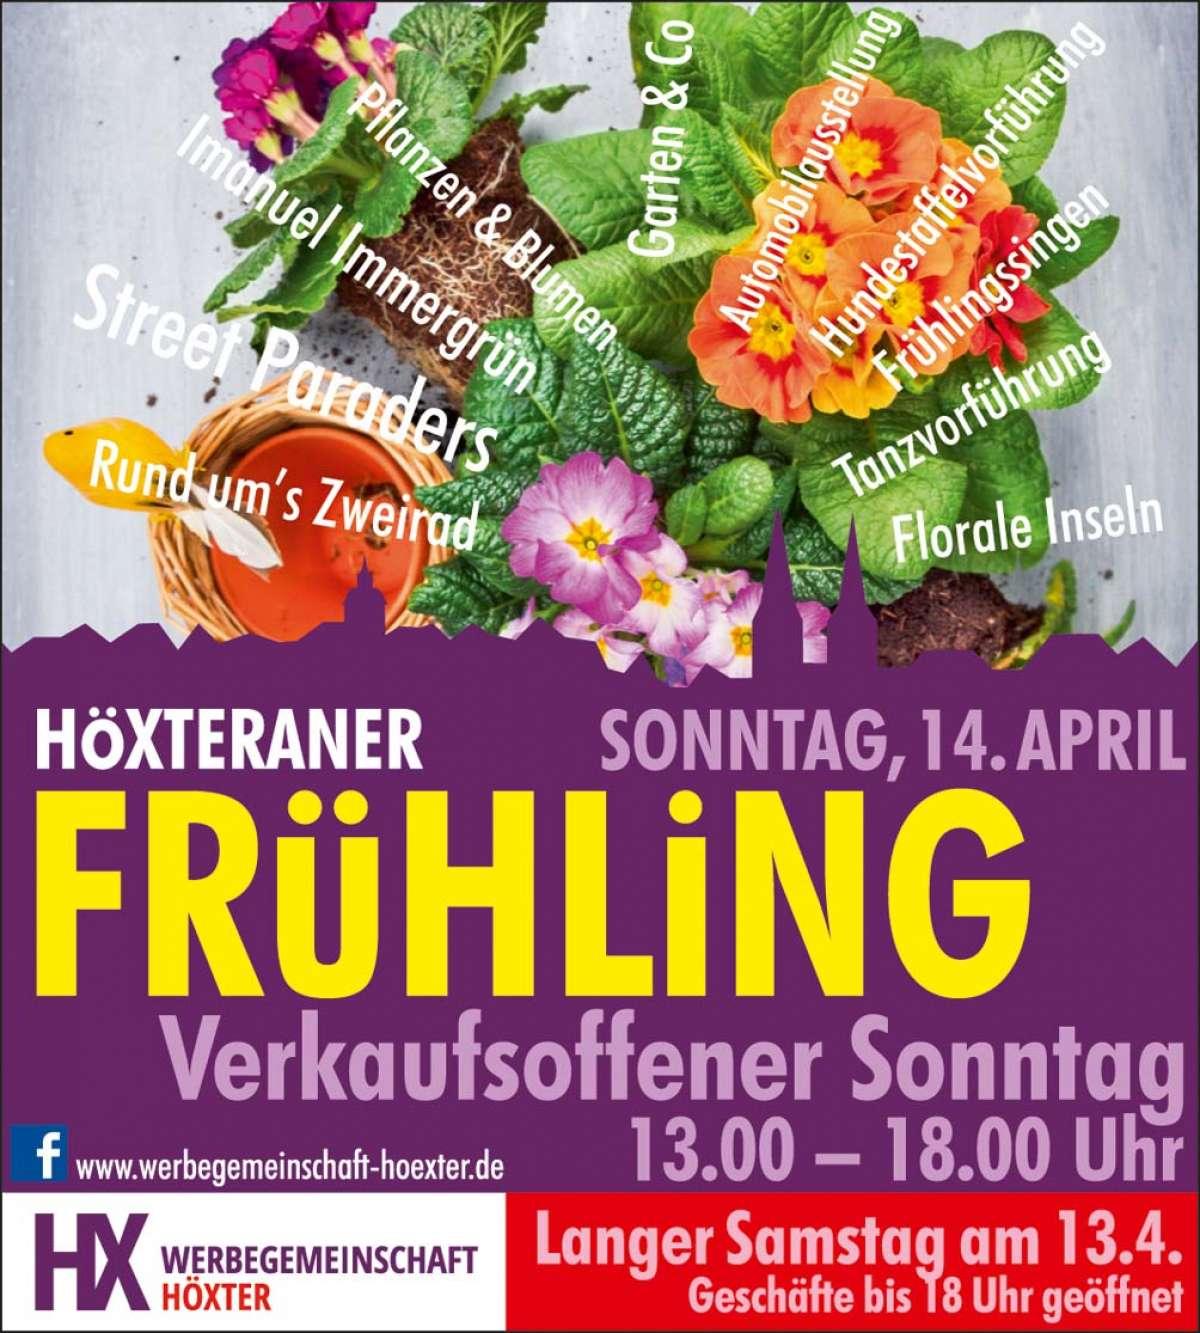 Veranstaltungen & Events am »Sonntag, 14. April 2019« in deiner Nähe...